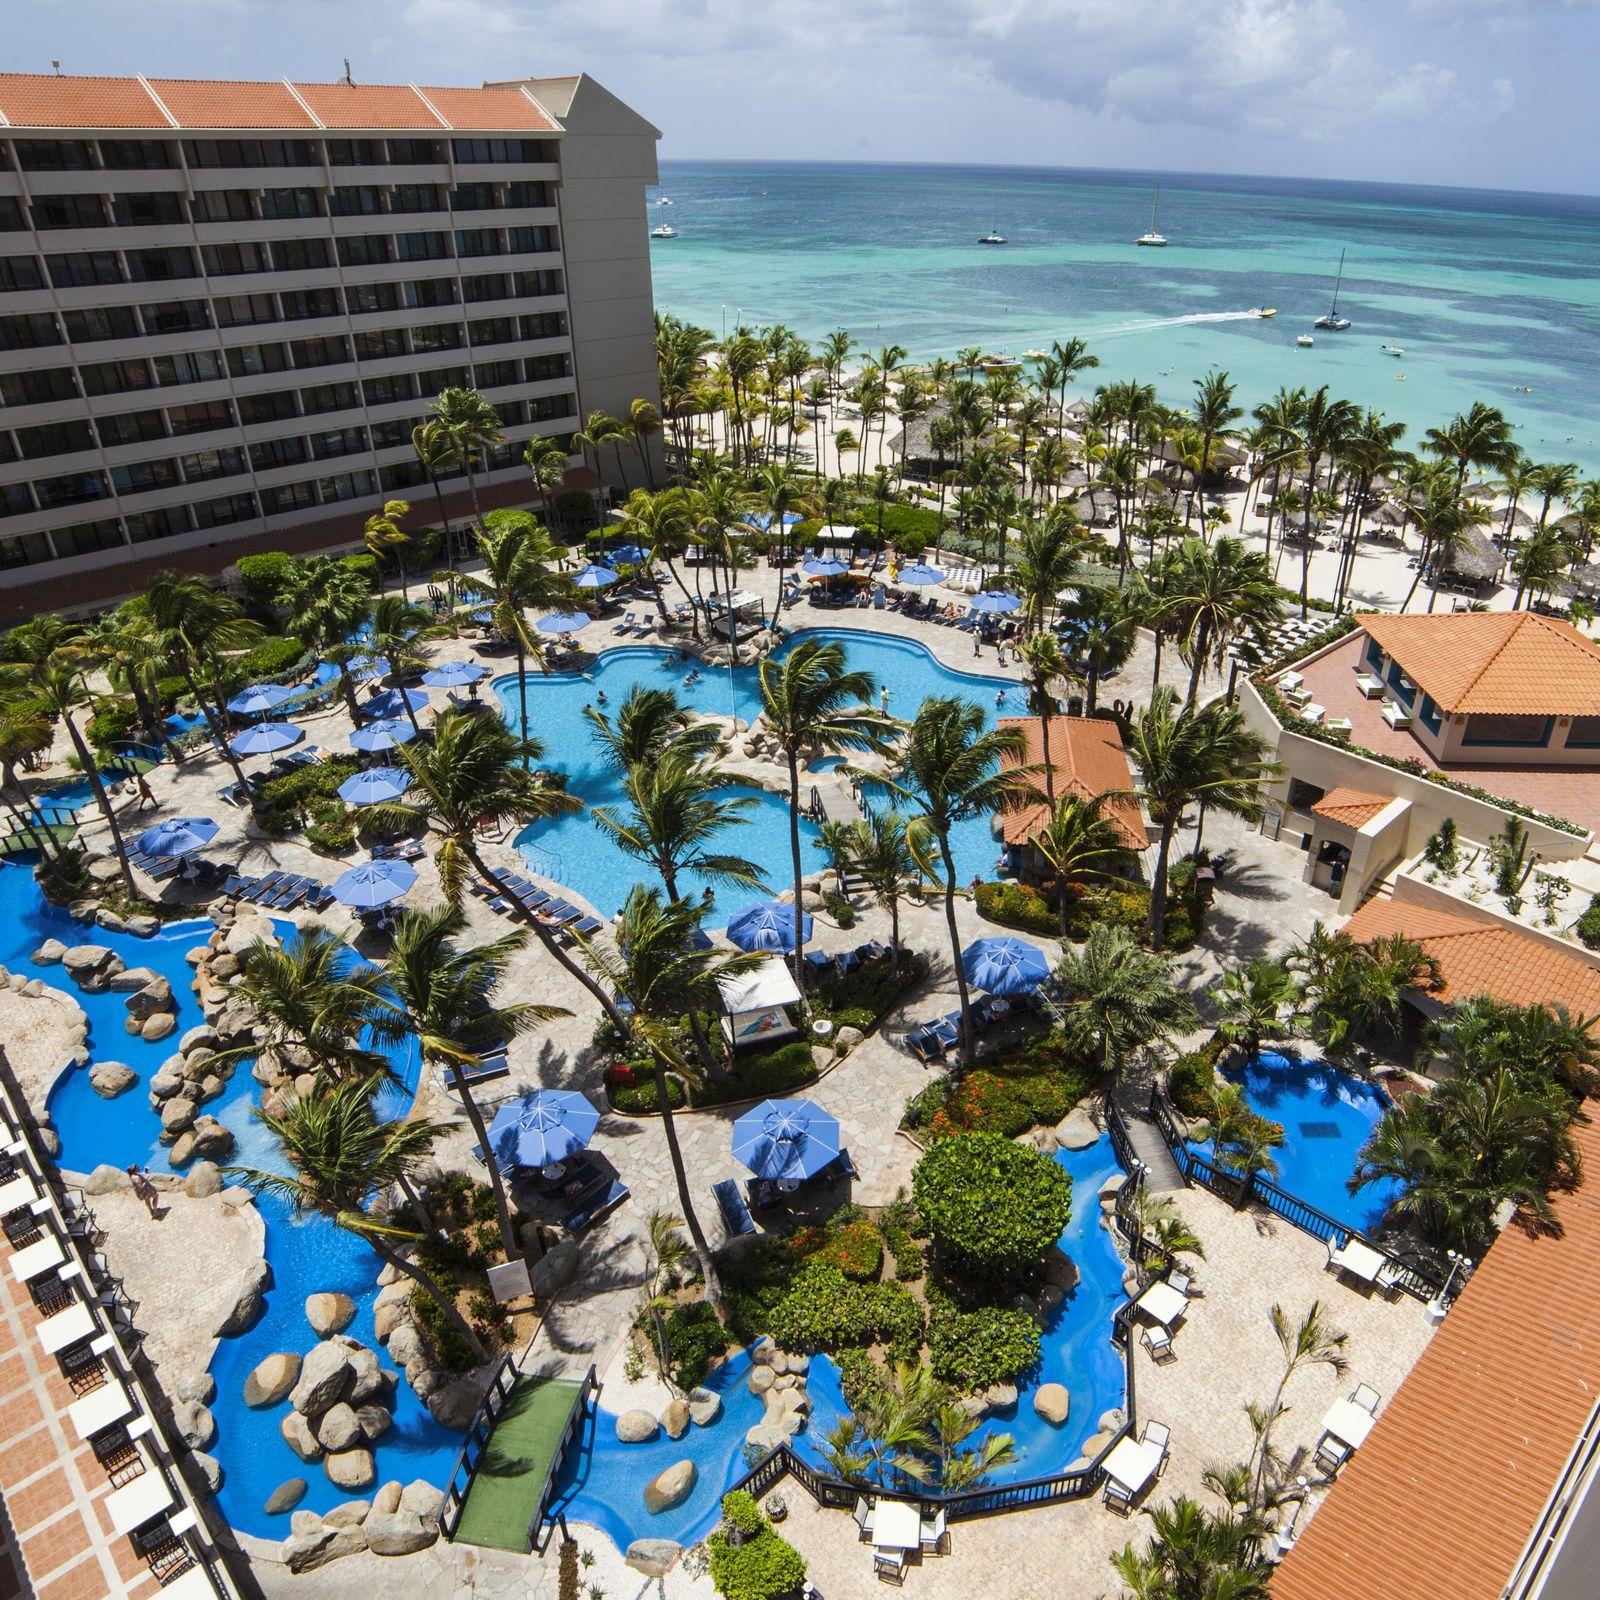 Mejor alojamiento en Aruba para una vacaciones en el Caribe